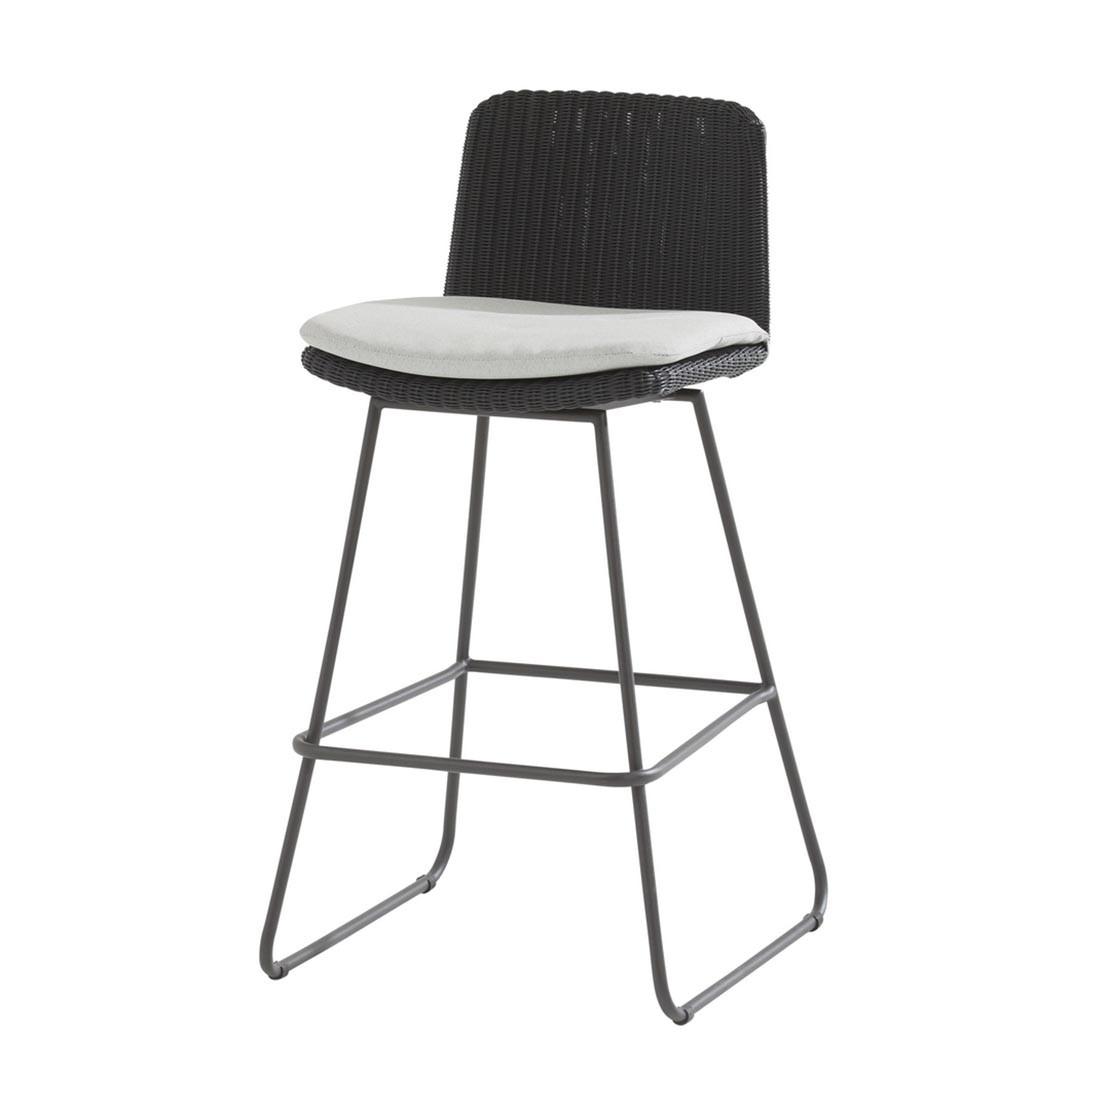 Avila Anthracite bar stoel